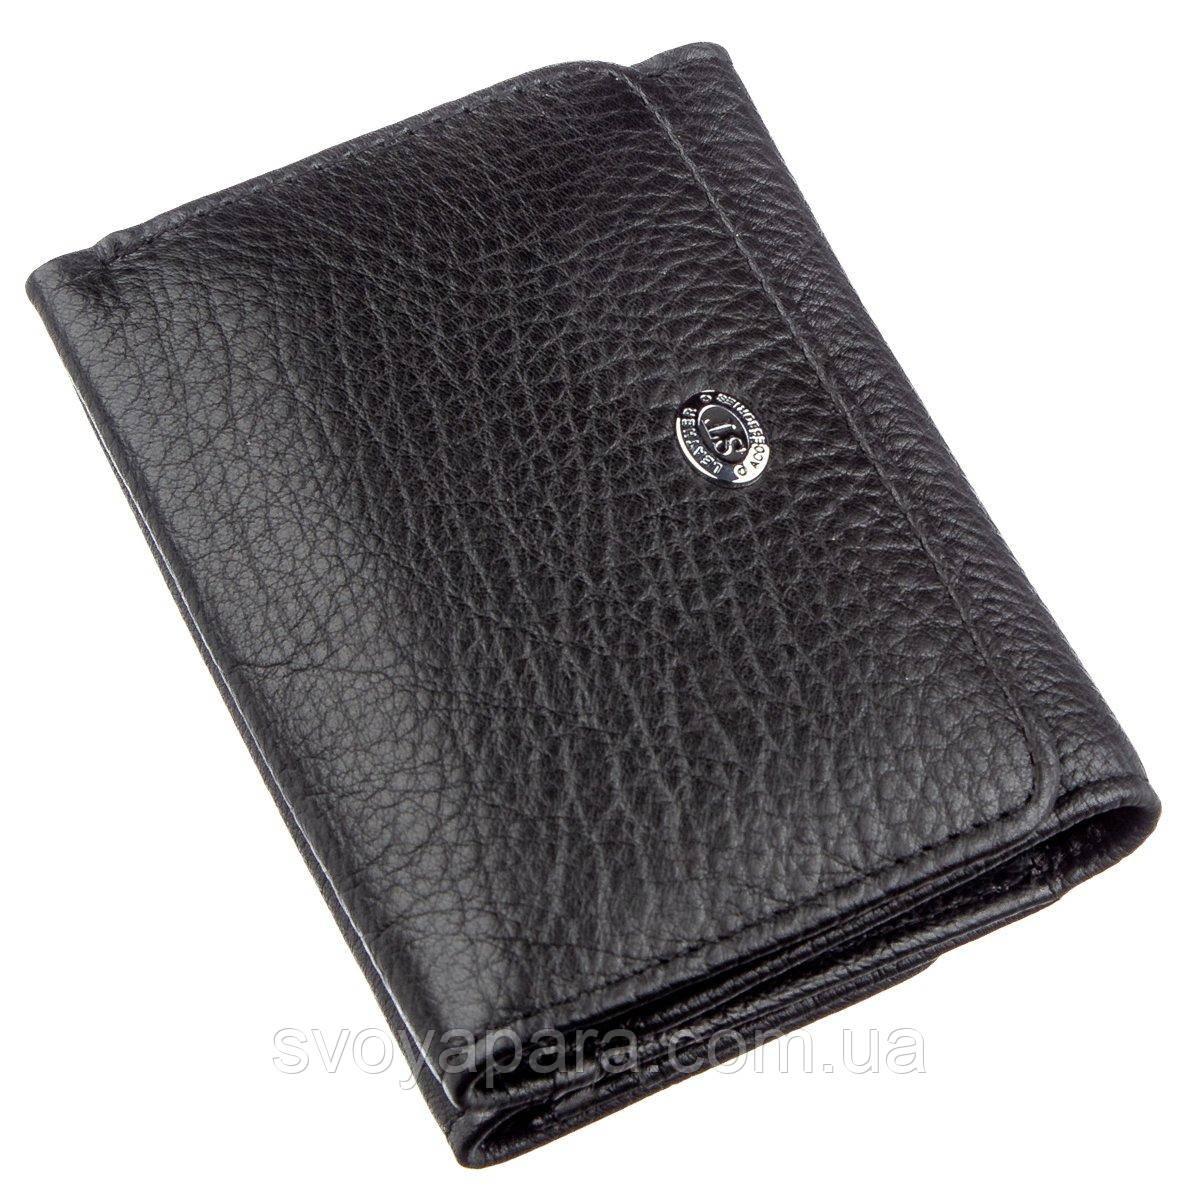 Гаманець для жінок зі шкіри ST Leather Чорний 18886